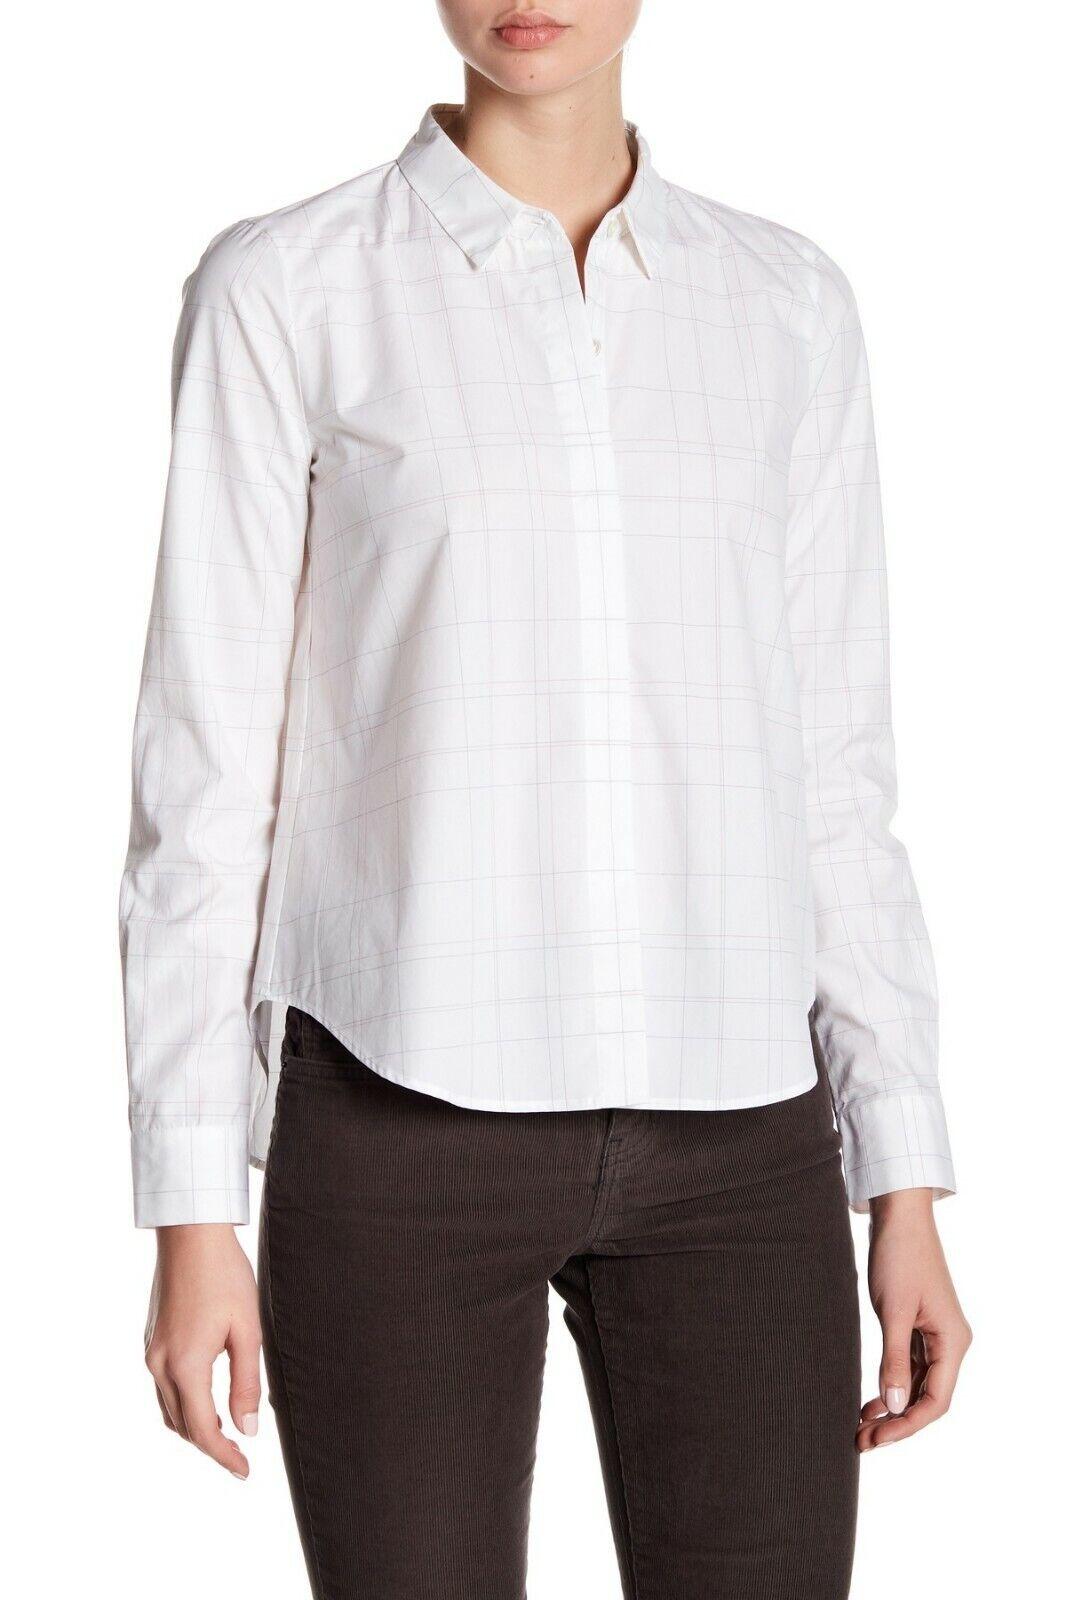 Theory para Mujer Camisa Manga Larga doscia blancoo  11927 Talla S  de moda